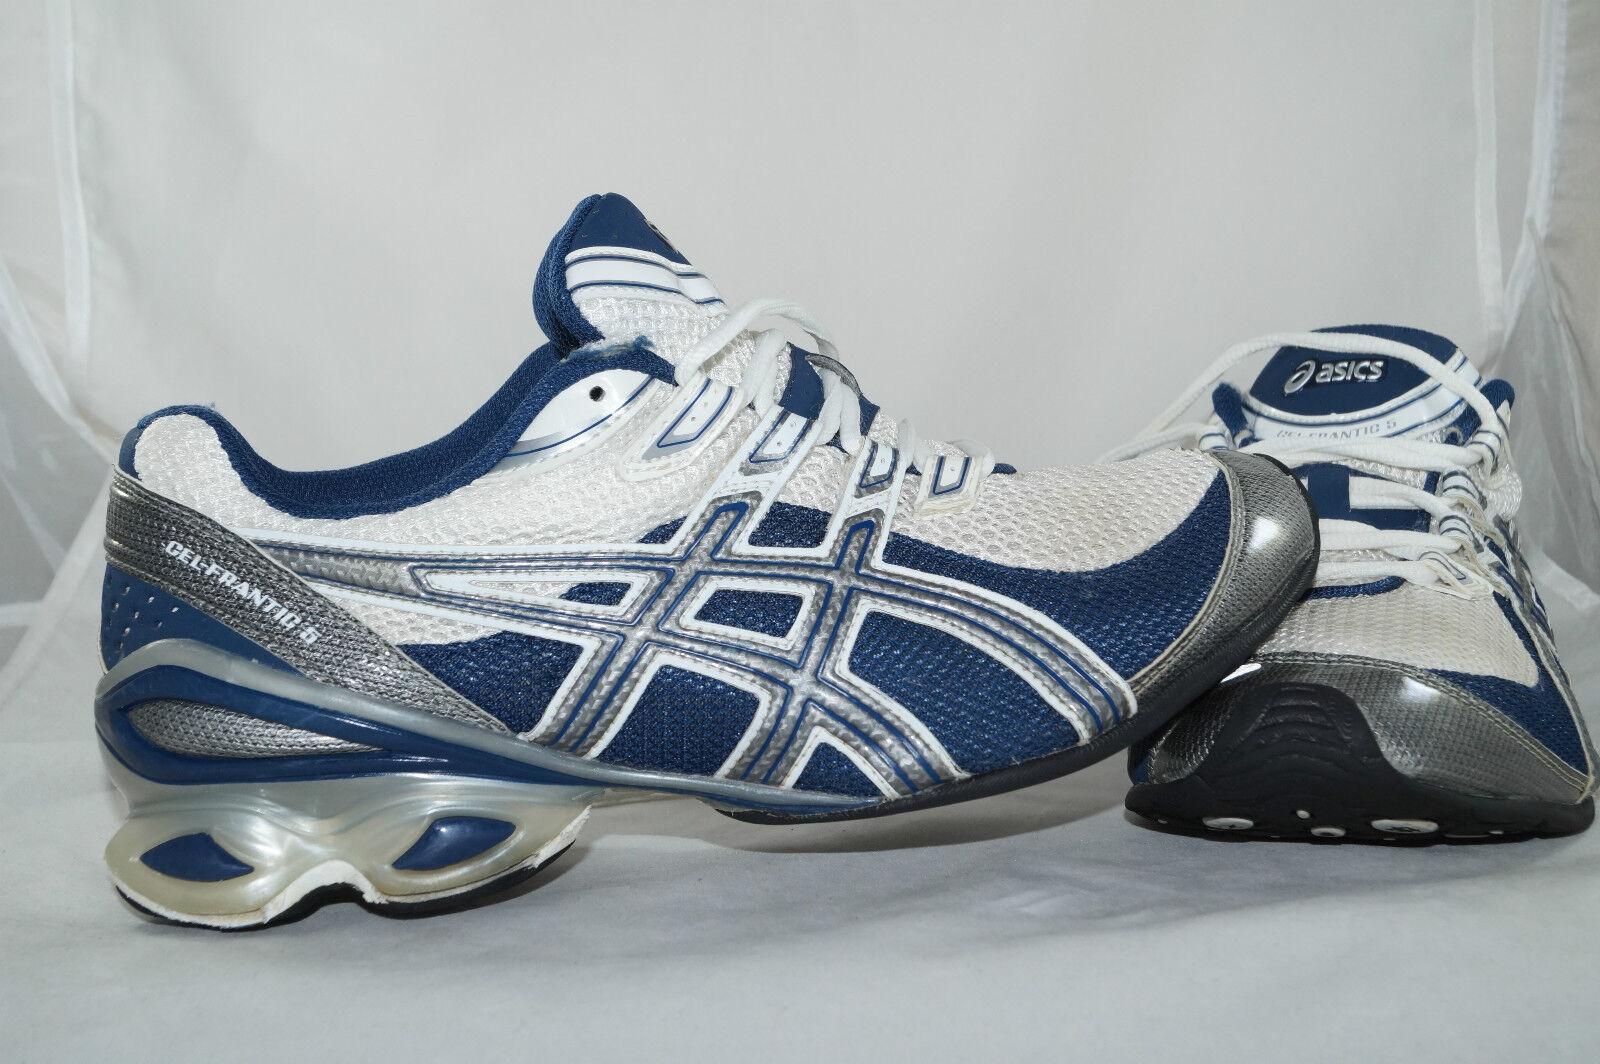 Bsics GEL FRBNTIC 5 GR: 41,5 Blau Weiss Jogging Laufschuhe Running